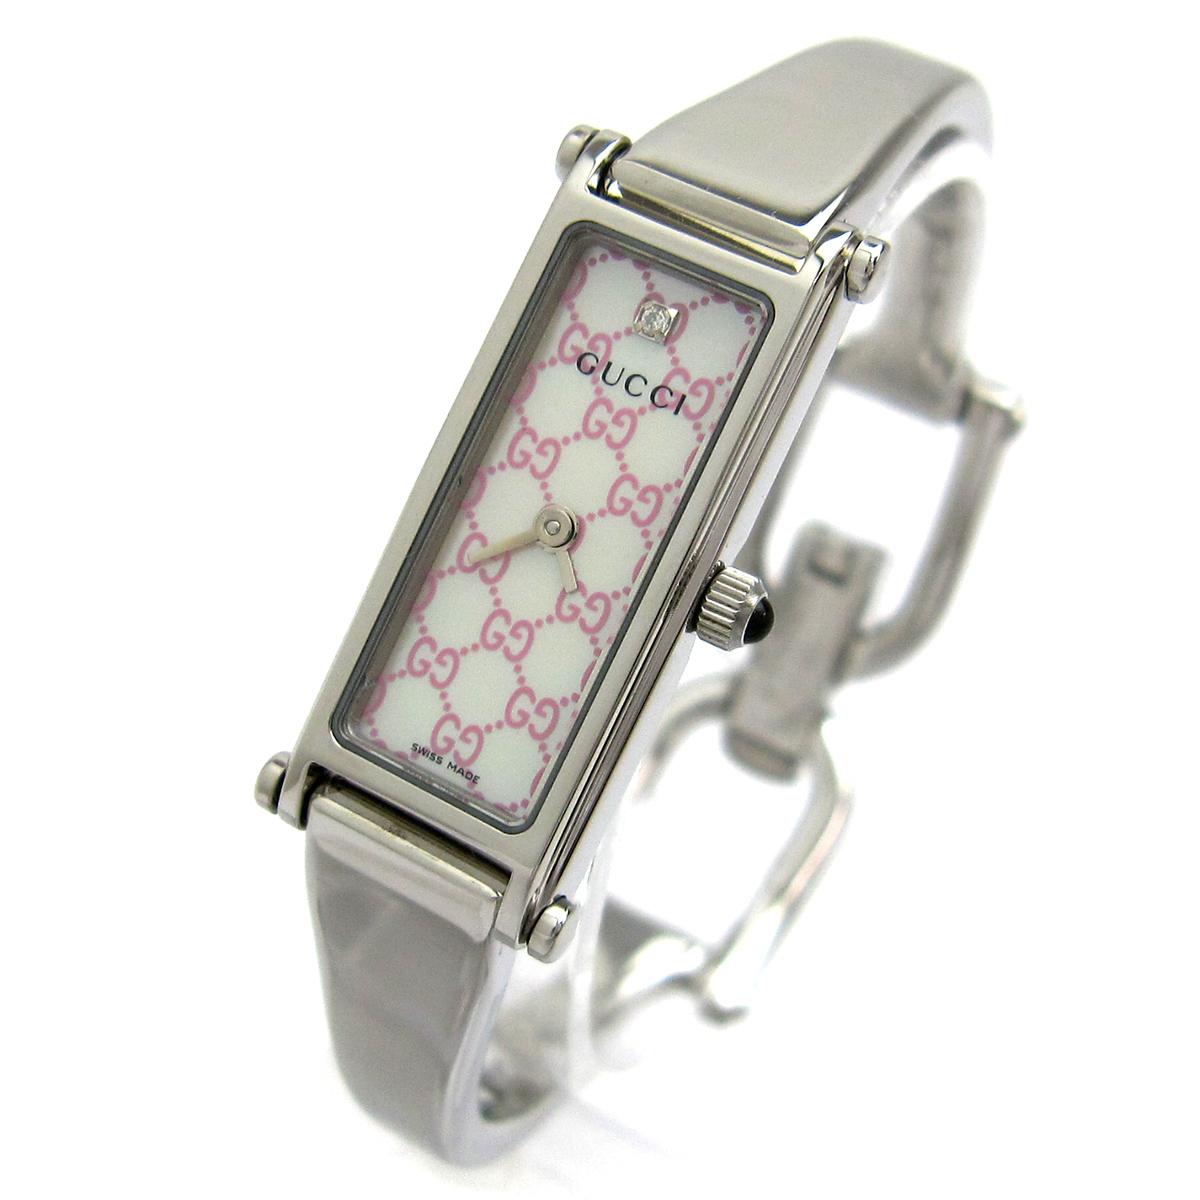 【1円良品】GUCCI グッチ 腕時計 1500L レディース ピンク シェル文字盤 1Pダイヤ スクエア 箱付き 可動品_画像3